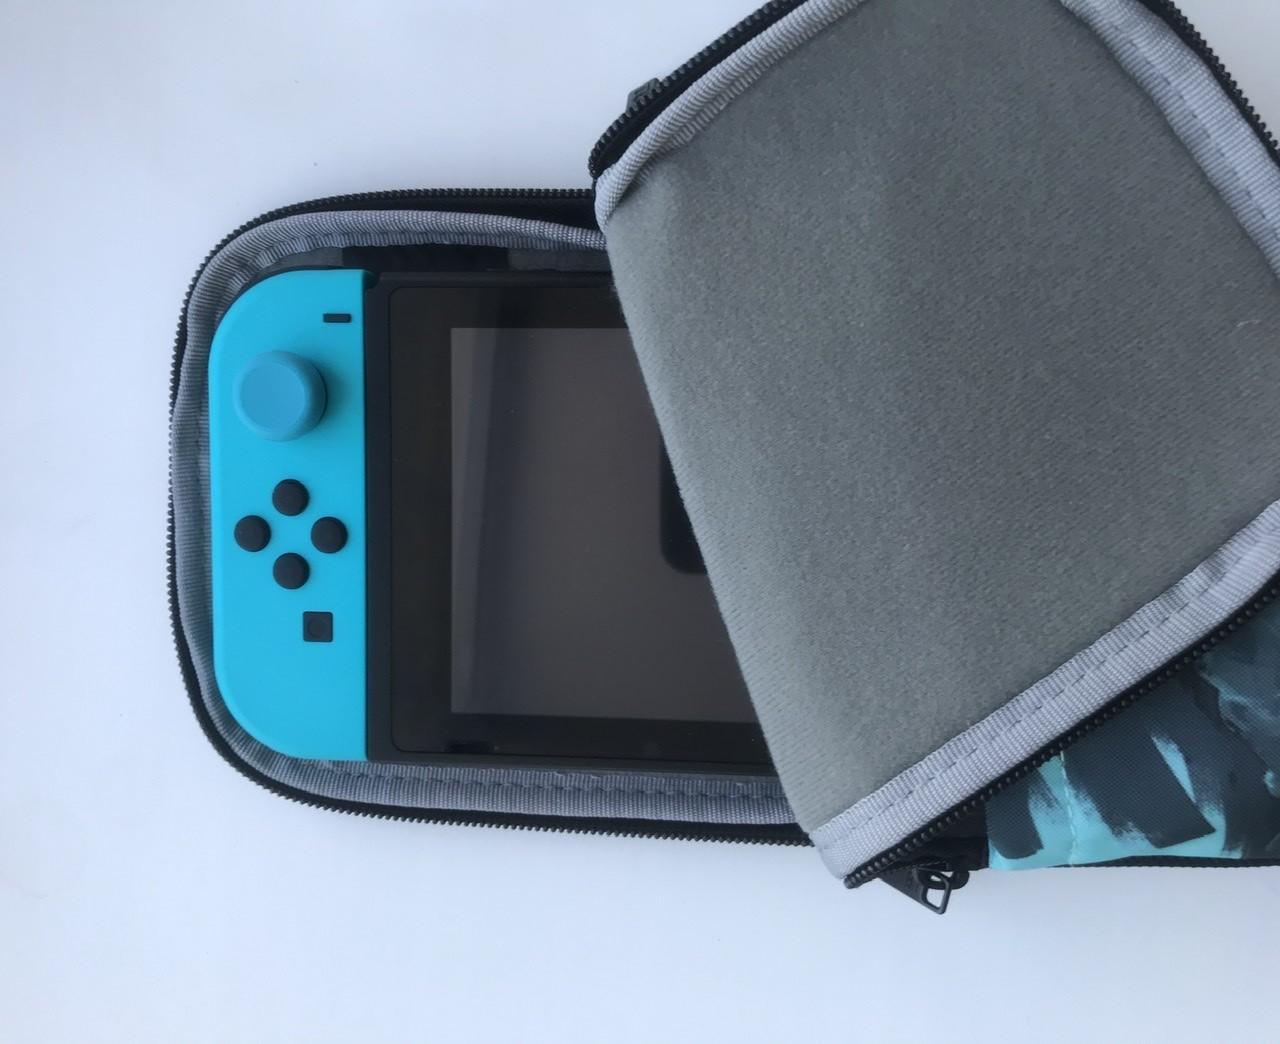 Спецвыпуск #1 - Обзор 5-ти чехлов для Nintendo Switch от HORI + розыгрыш 13